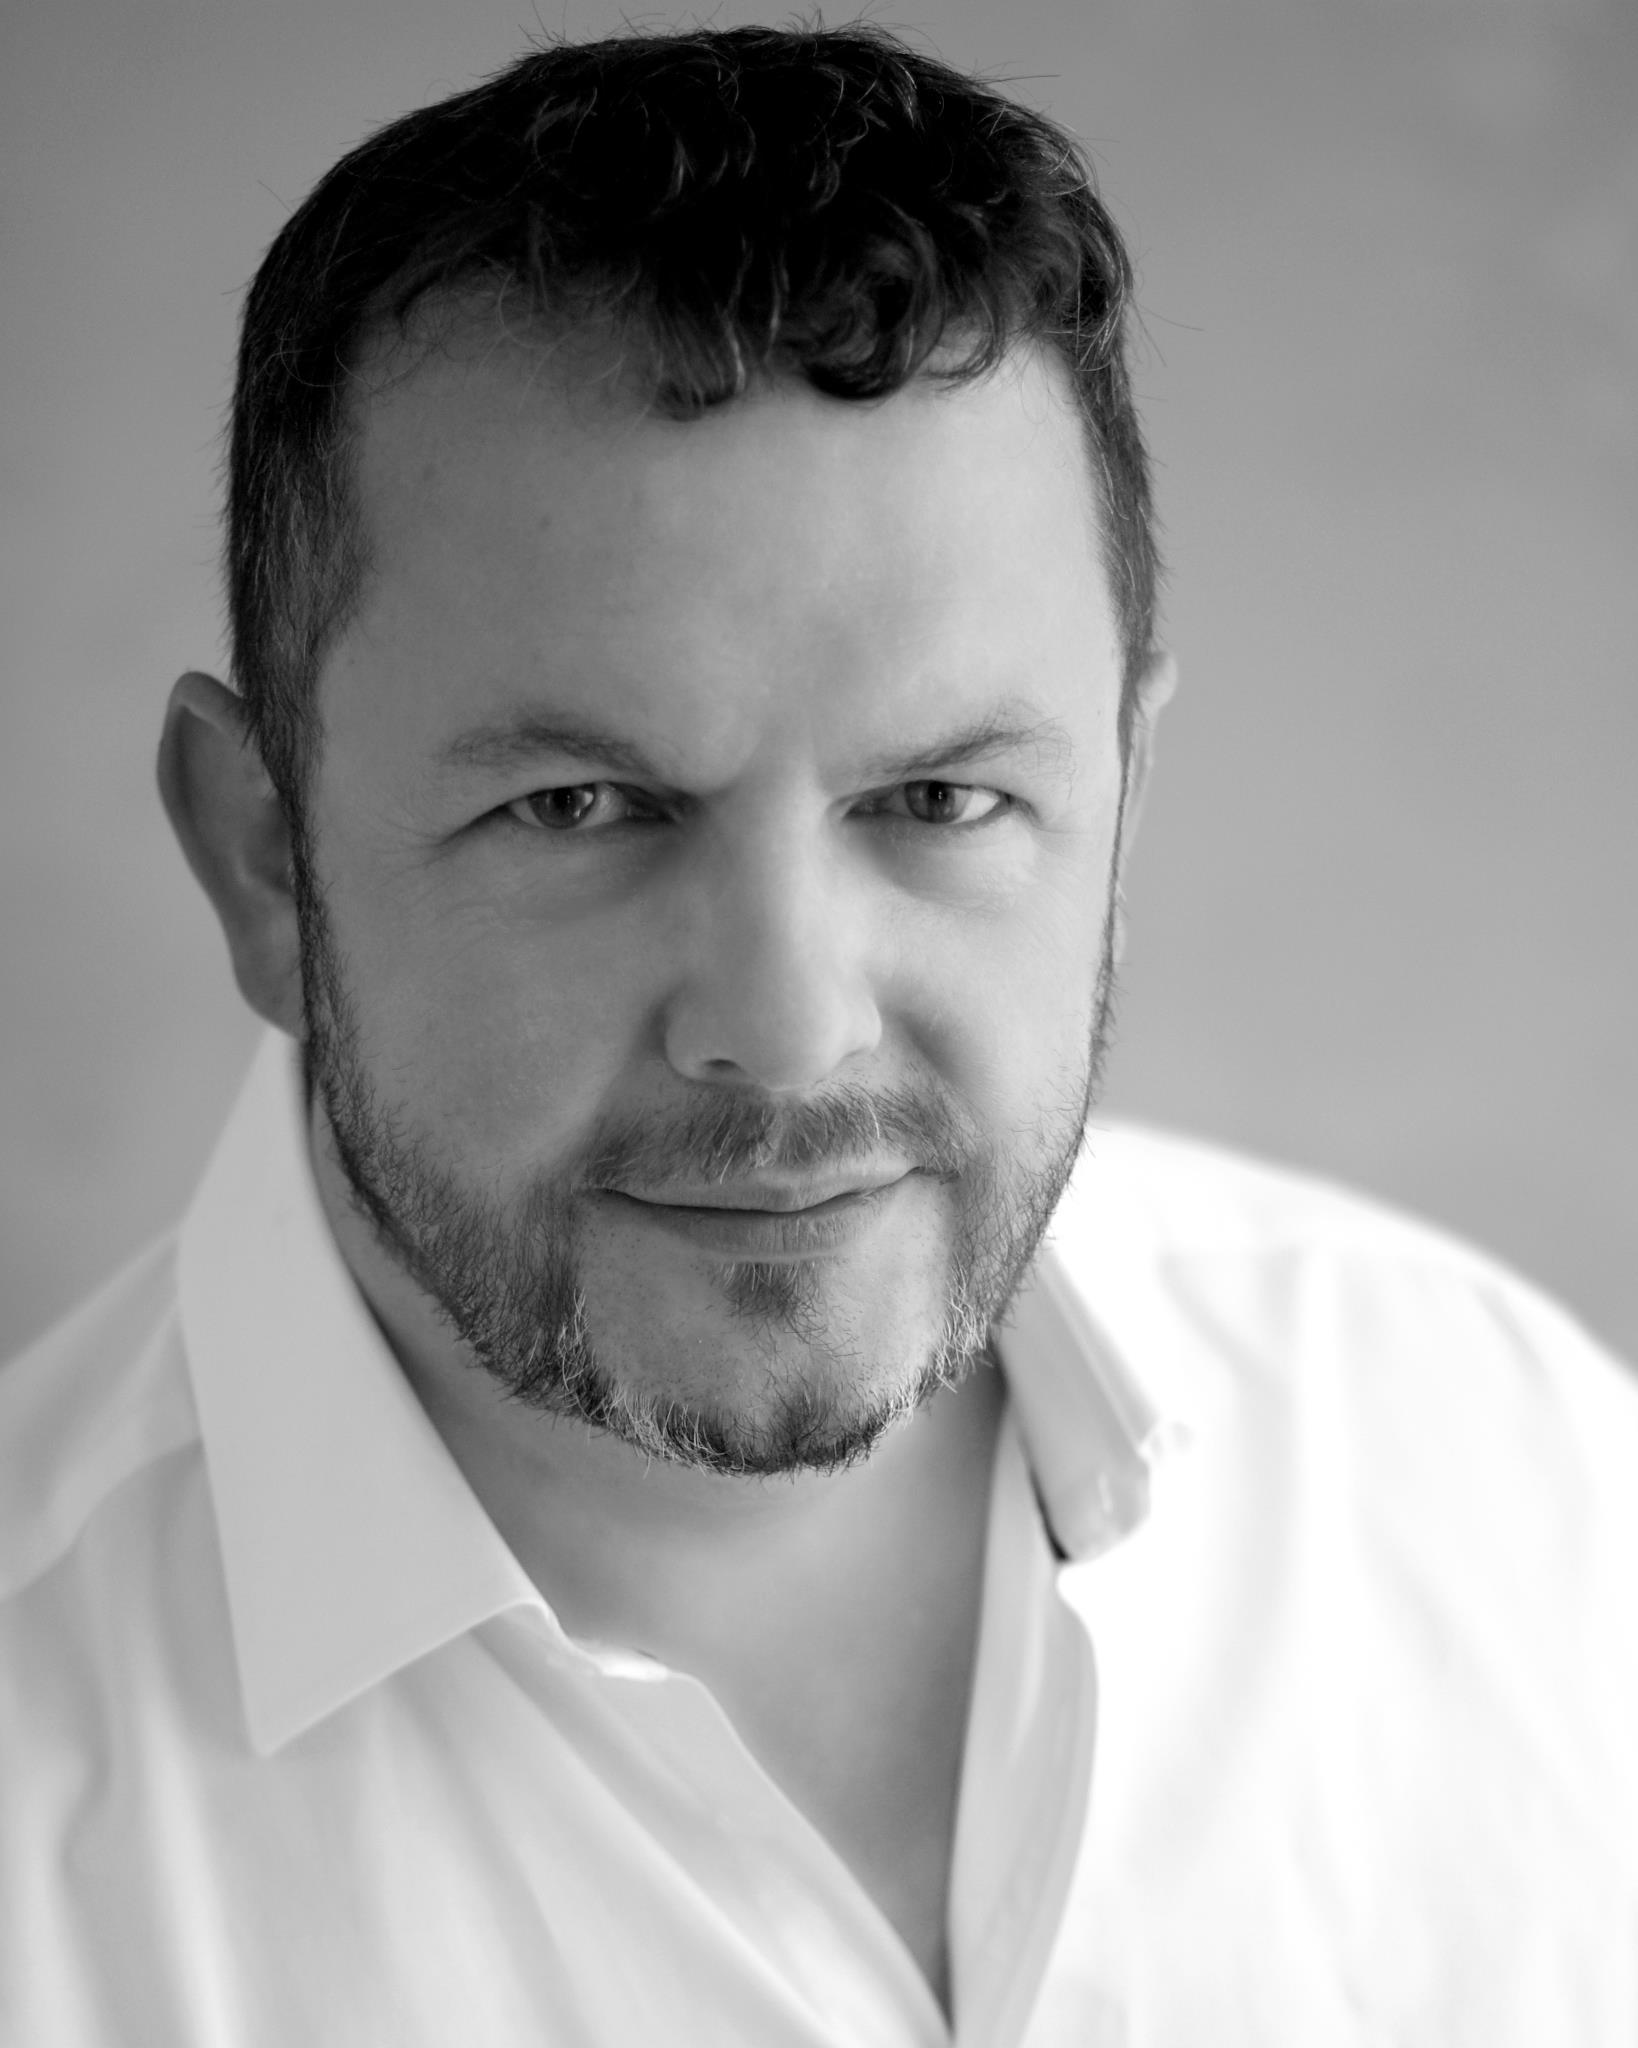 Mark Bolkonsky